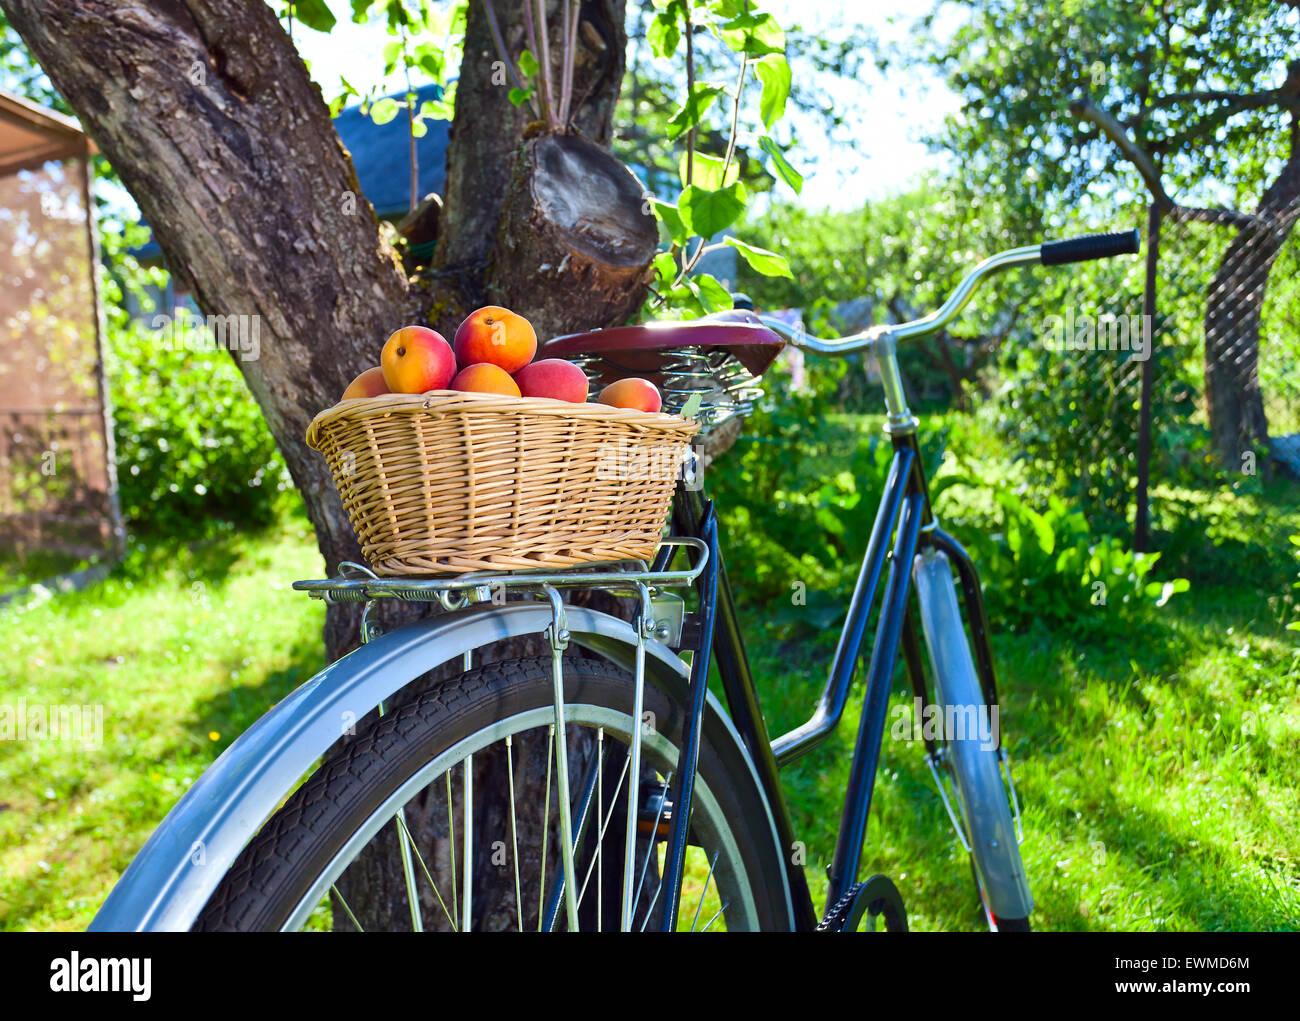 Cesta de jugosos albaricoques maduros en bicicleta en el jardín Imagen De Stock